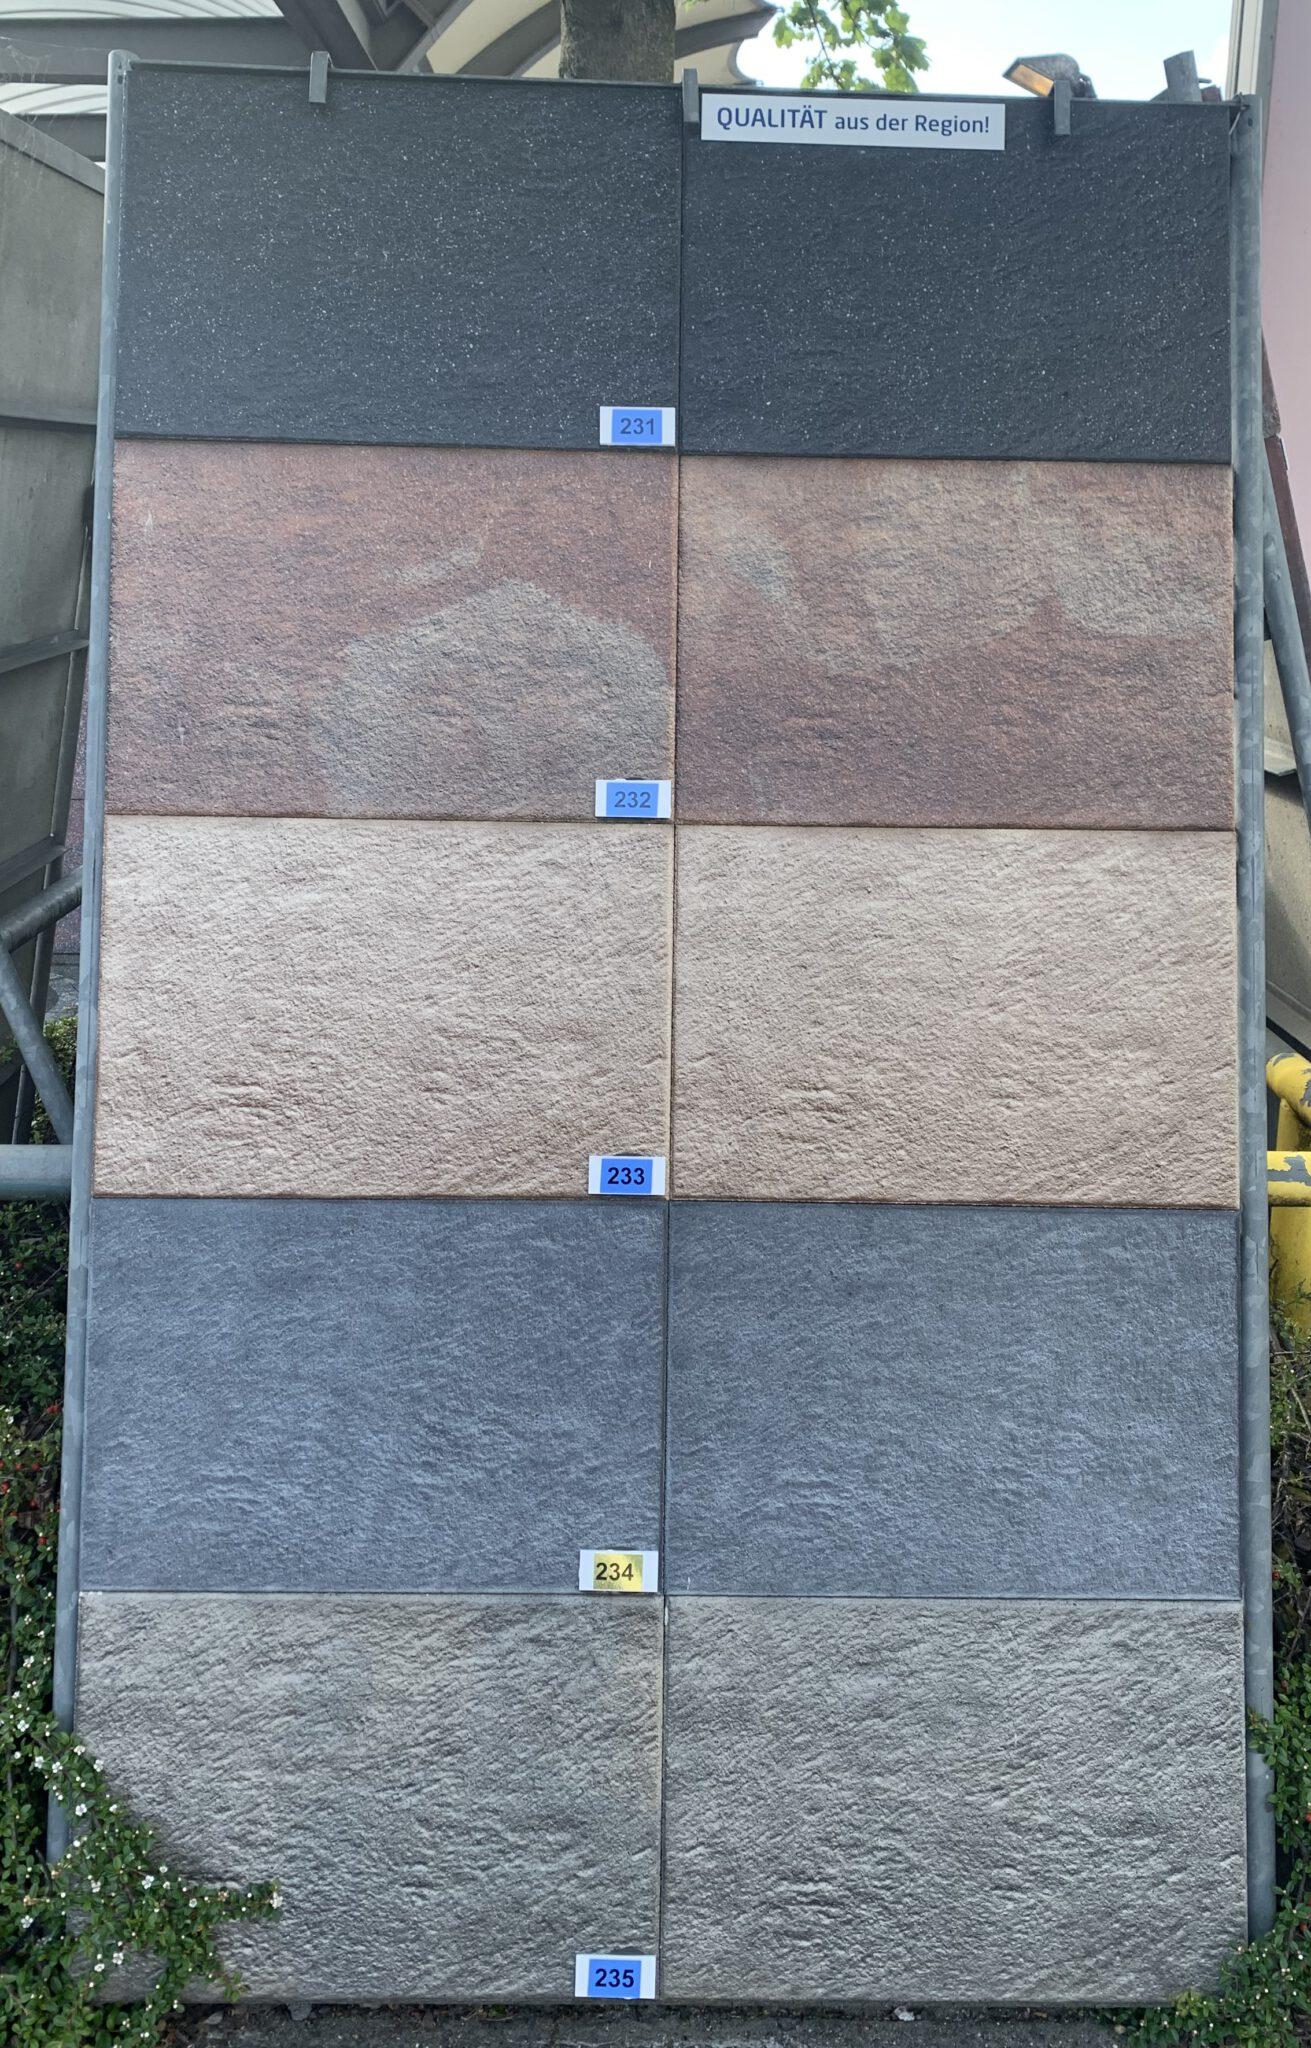 Terrassenplatte Novalux rot-schwarz von Bartels bei Stolzenbach Baustoffe in Bremen kaufen